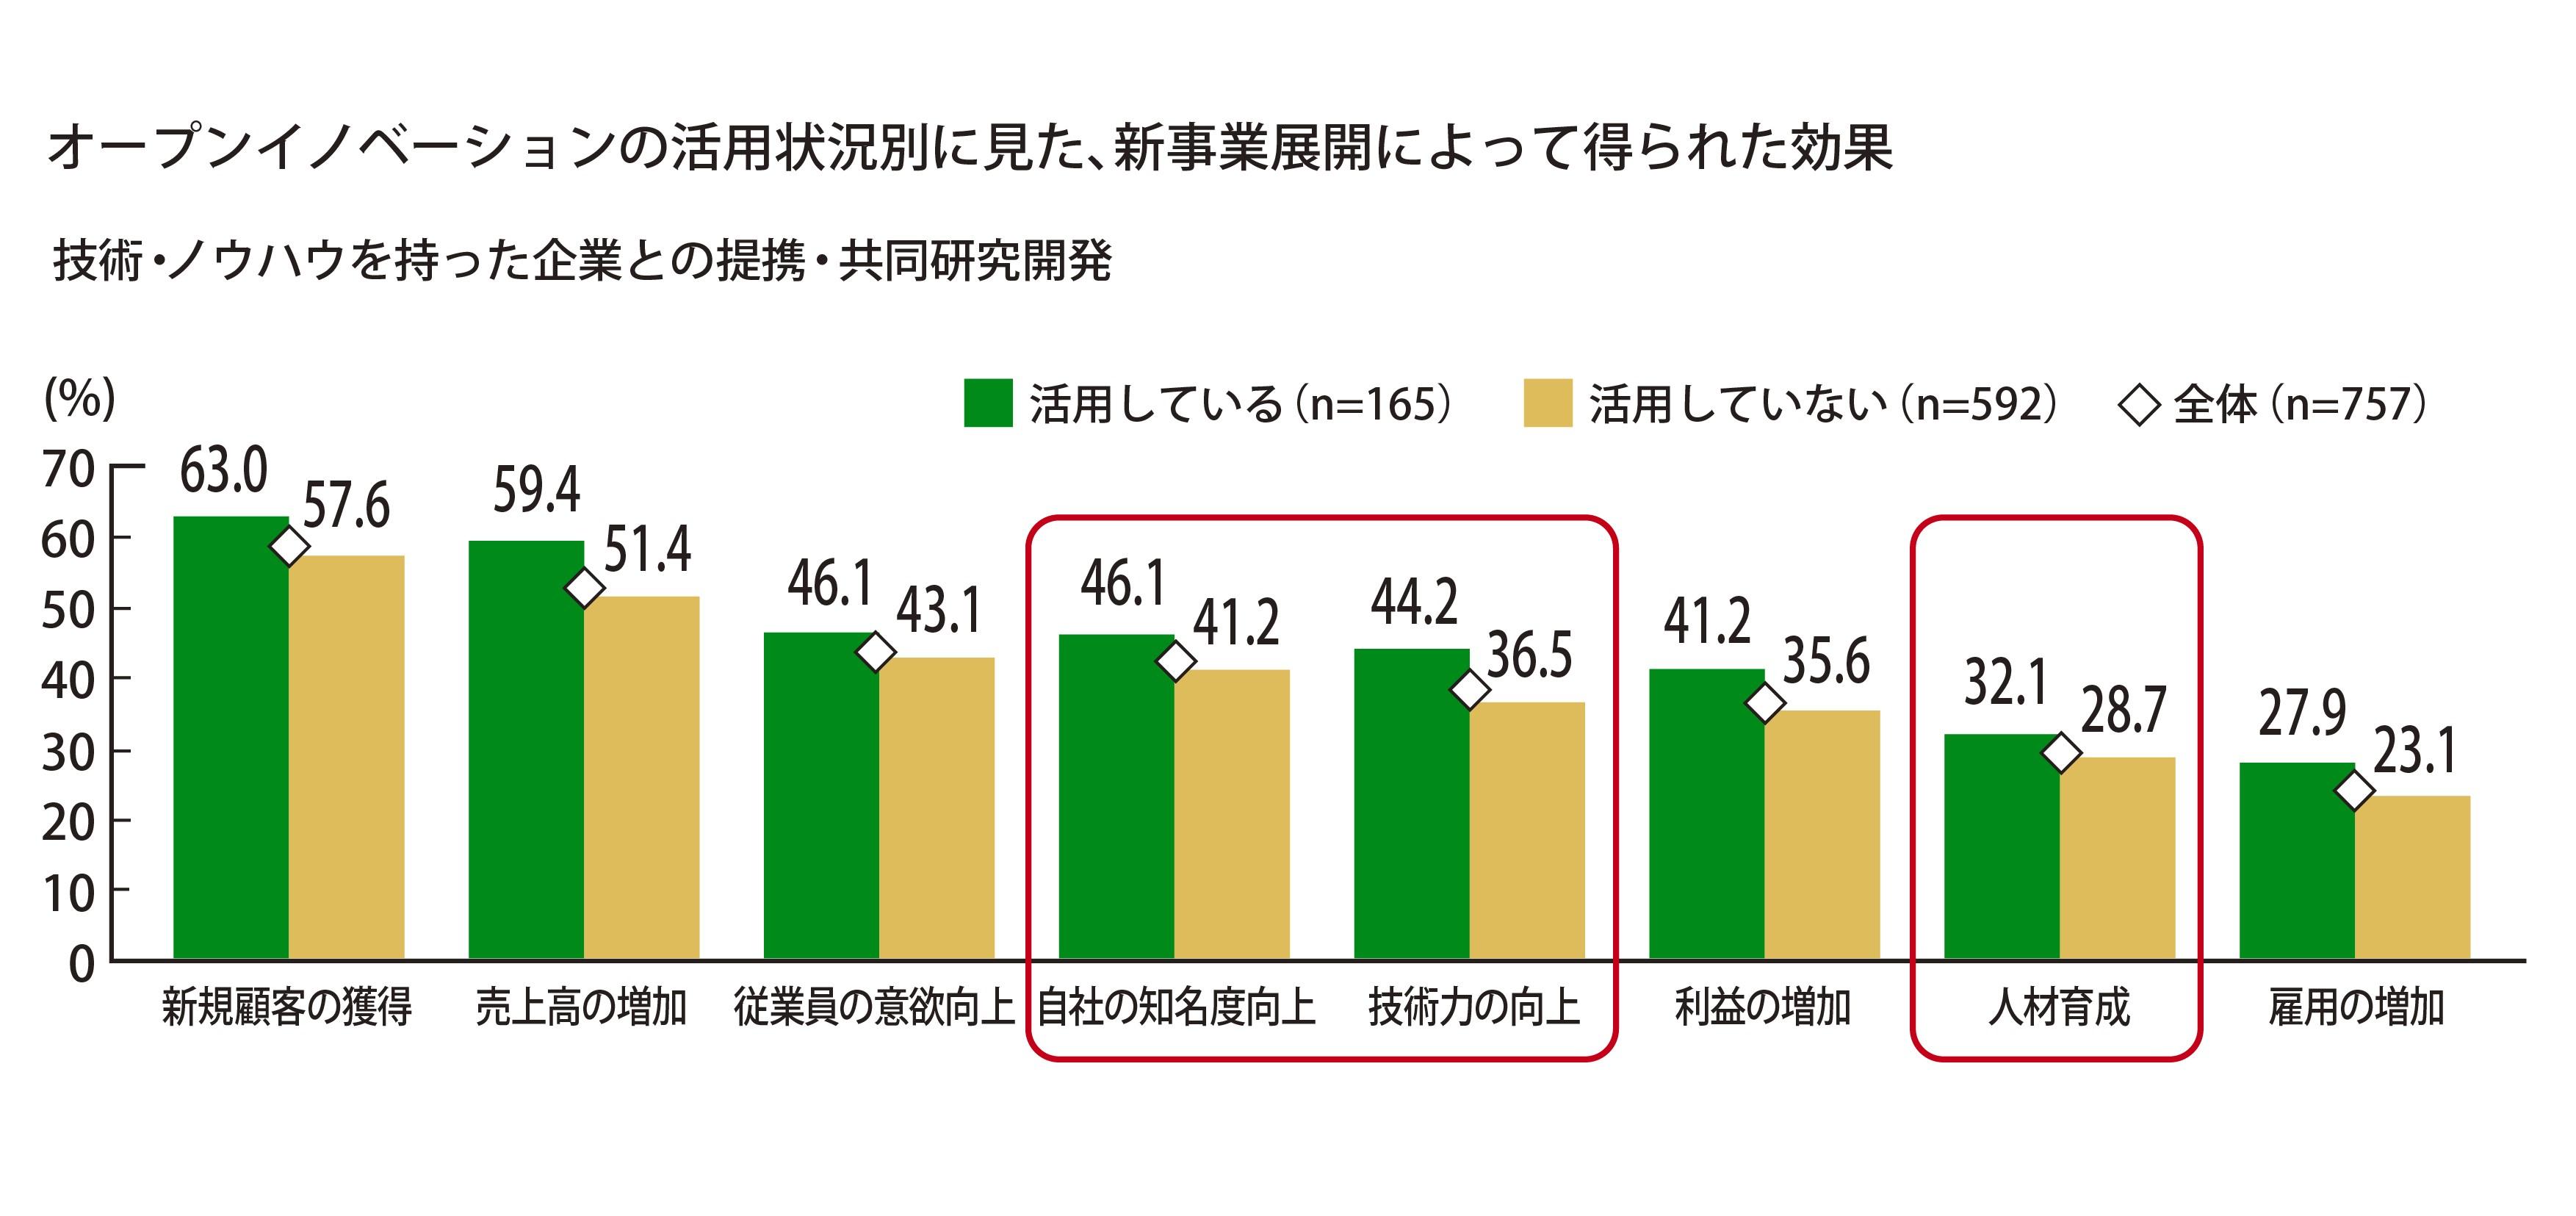 技術・ノウハウを持った企業との提携・共同研究開発を、46.1%が「自社の知名度向上」に、44.2%が「技術力の向上」に、32.1%が「人材育成」に活用していると回答